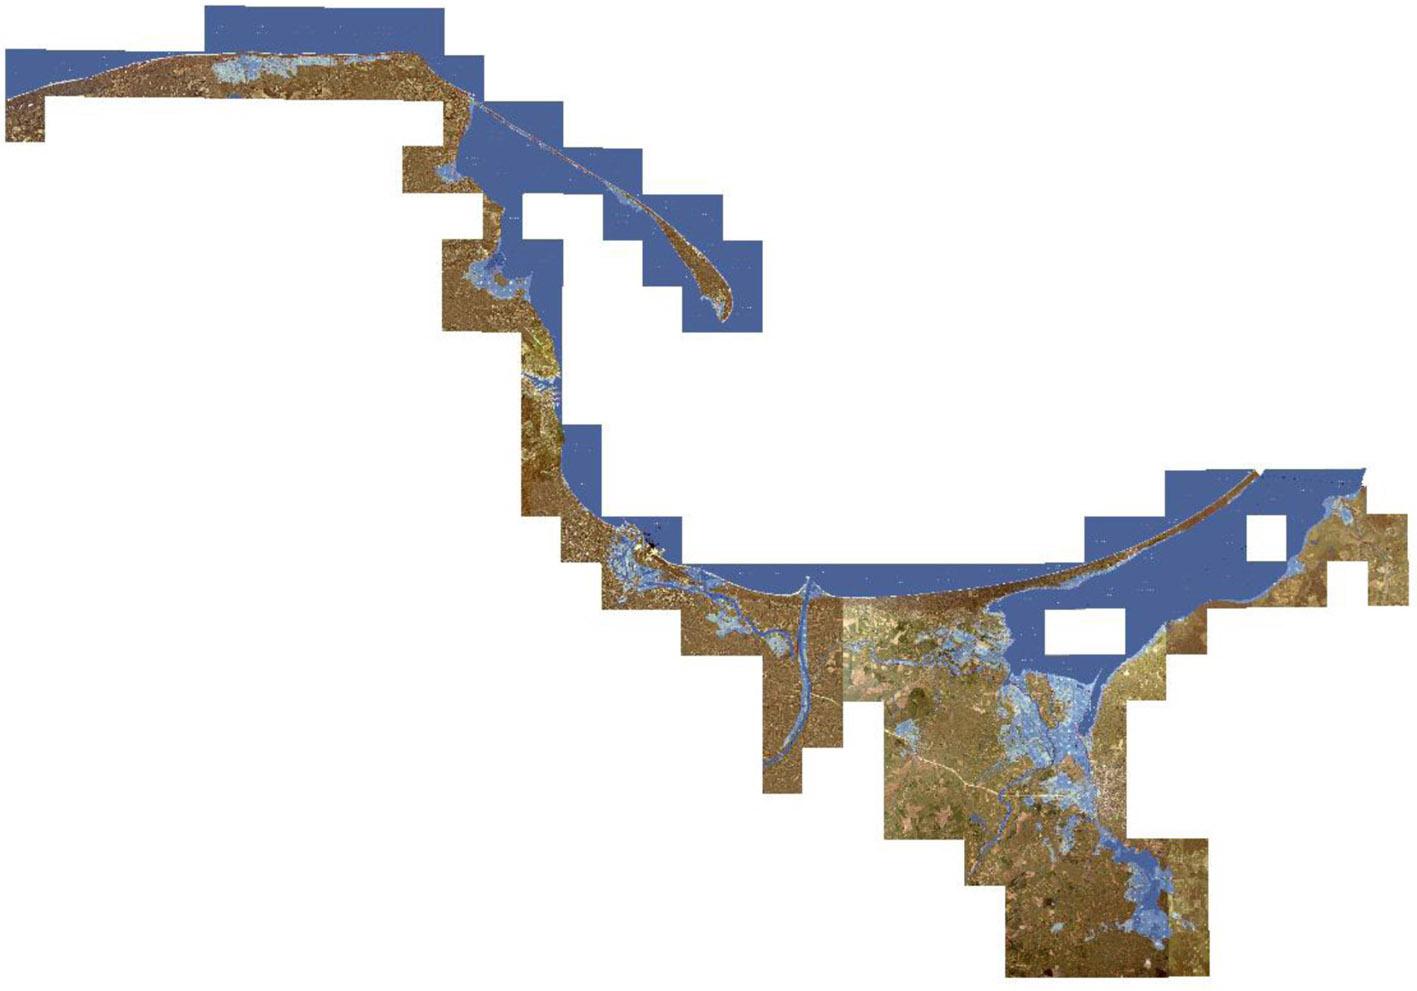 Mozaika rastrów GEOTIFF map zagrożenia powodziowego od strony morza (scenariusz H 0,2%) na obszarze UM w Gdyni.